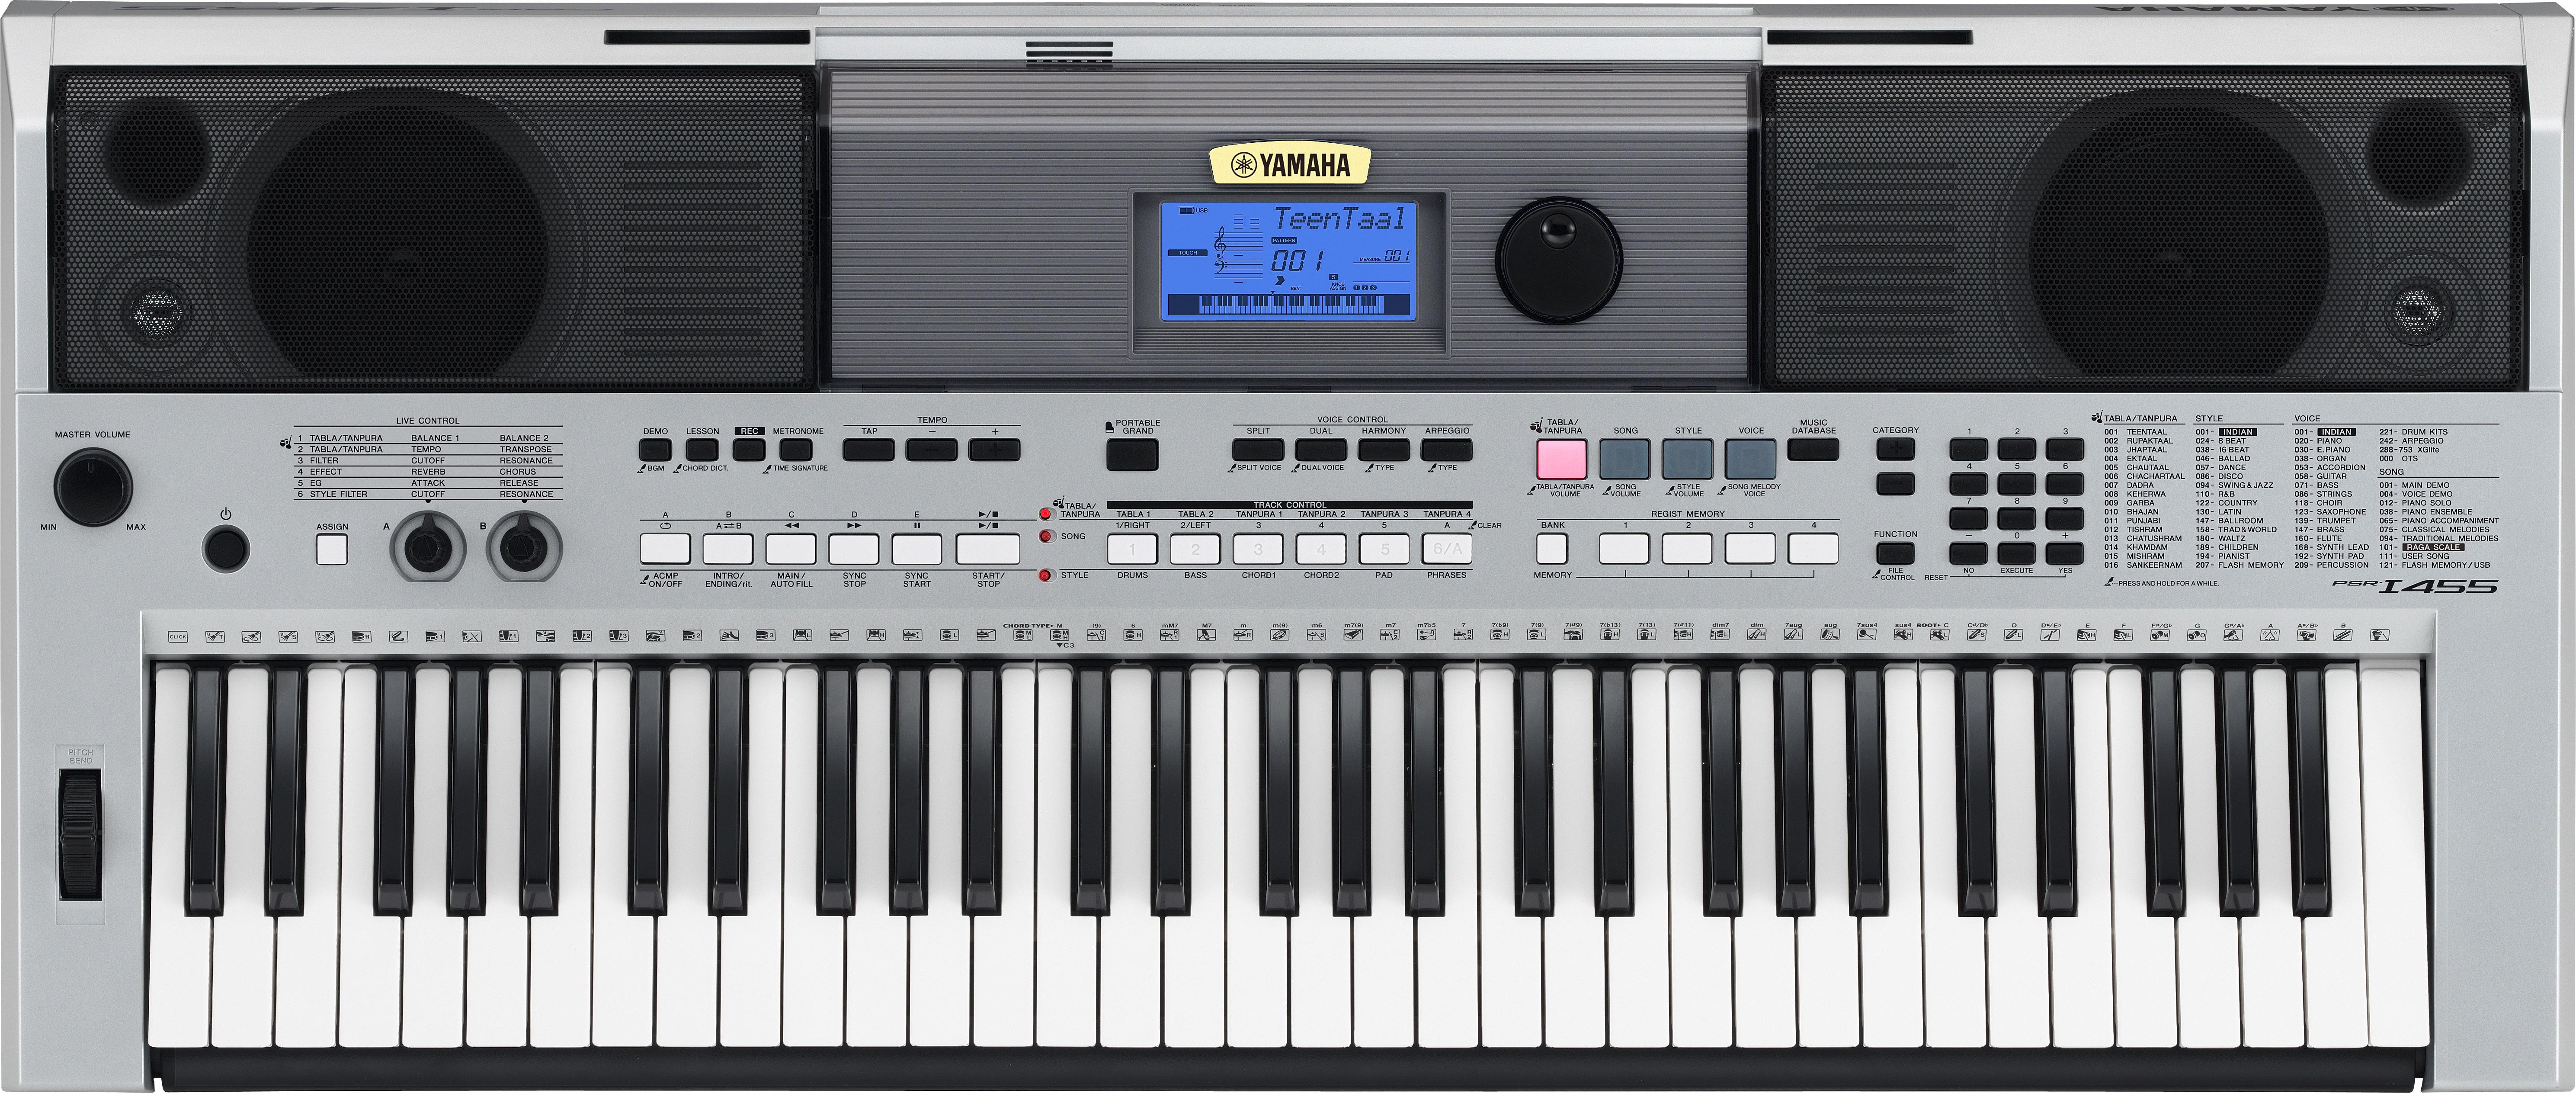 Yamaha Synthesizer Models Prices